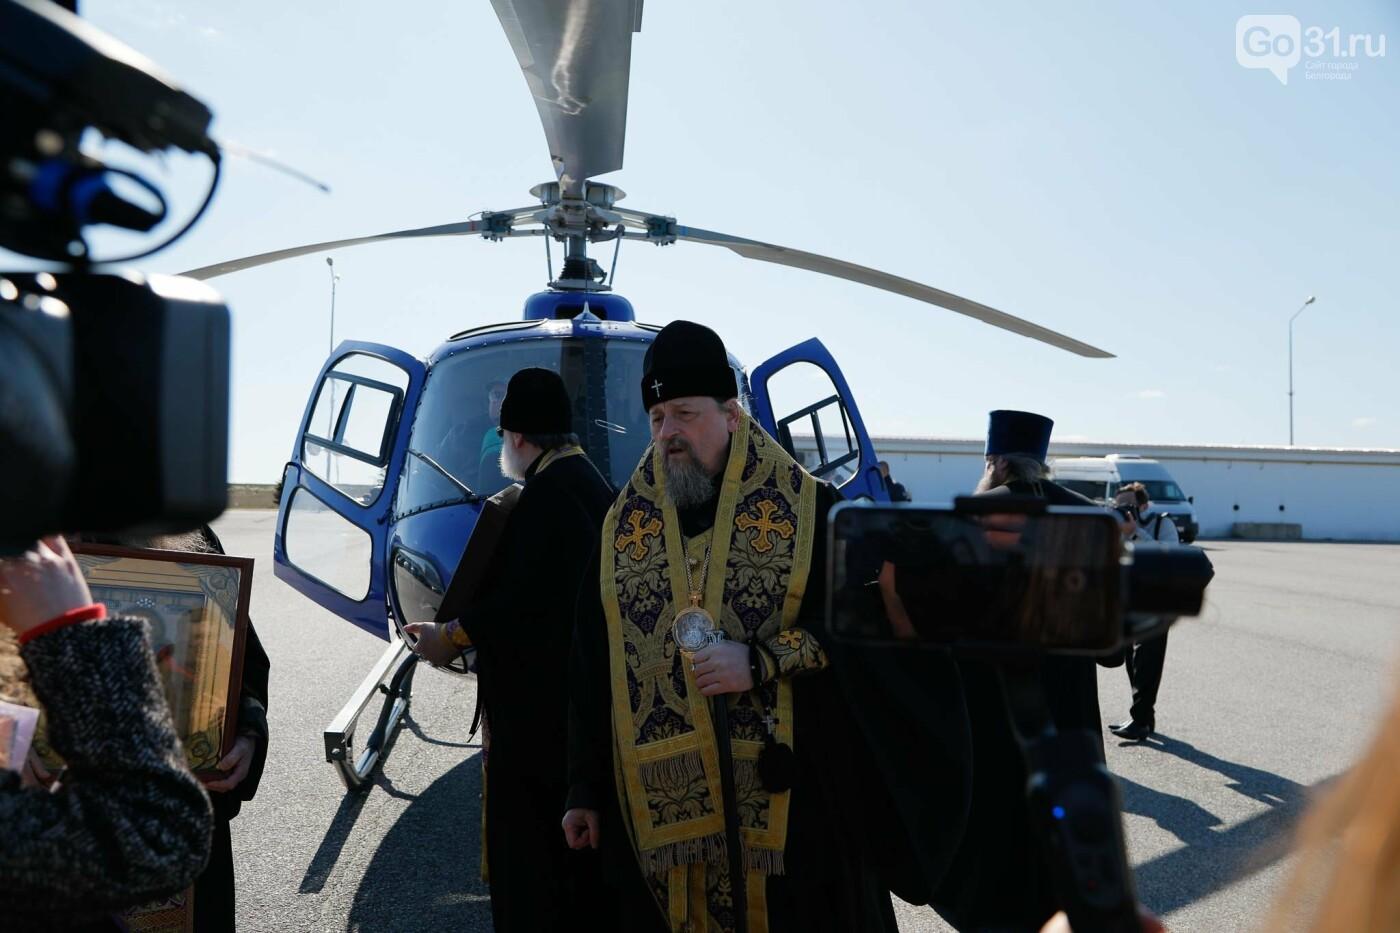 Владыка Иоанн совершил воздушный крестный ход над Белгородской областью, фото-8